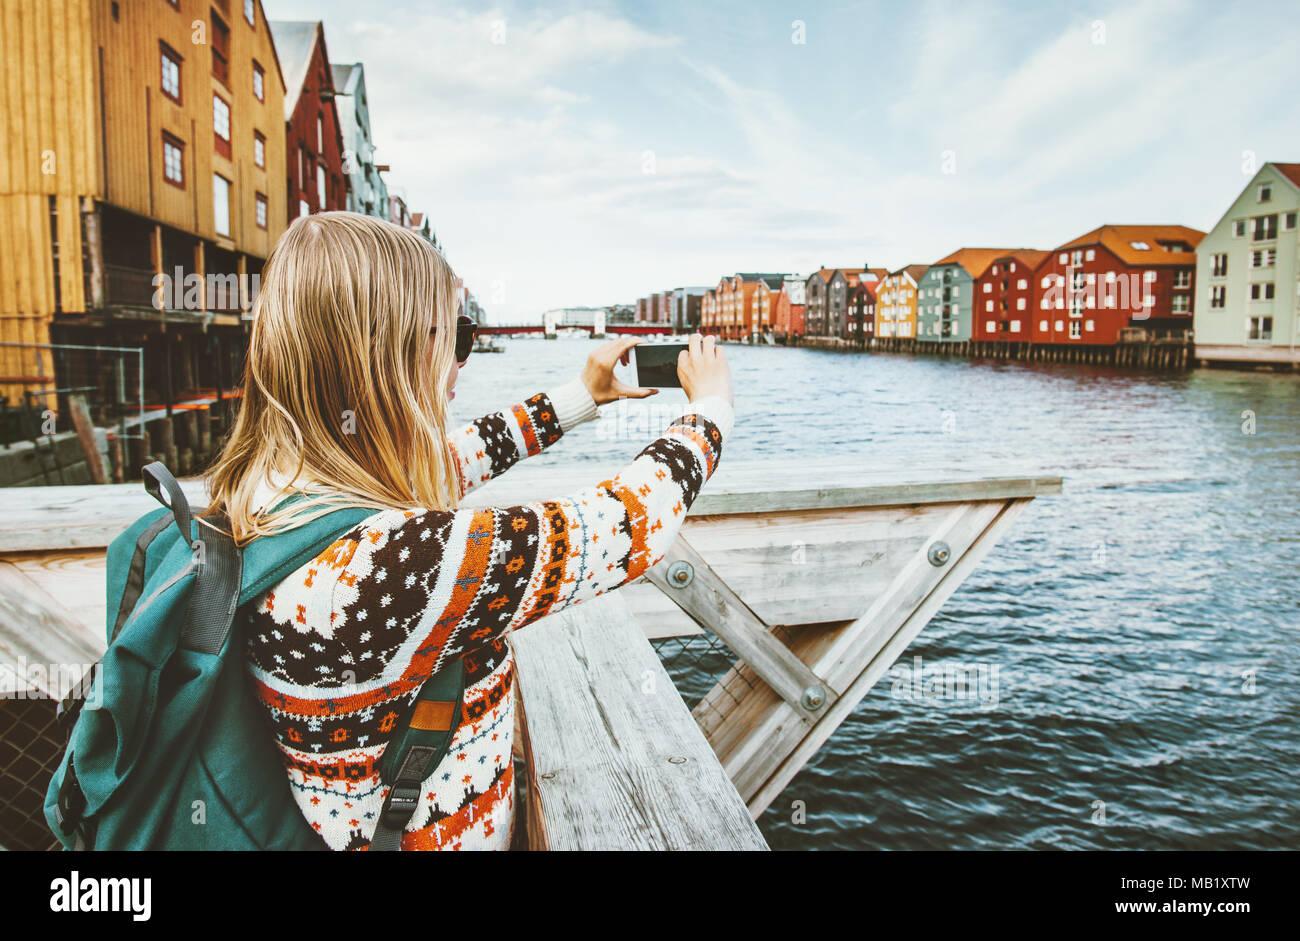 Mujer turista tomando fotos por smartphone en Noruega turismo vacaciones en el estilo de vida al aire libre coloridas casas escandinavas hitos de la ciudad de Trondheim arch Imagen De Stock